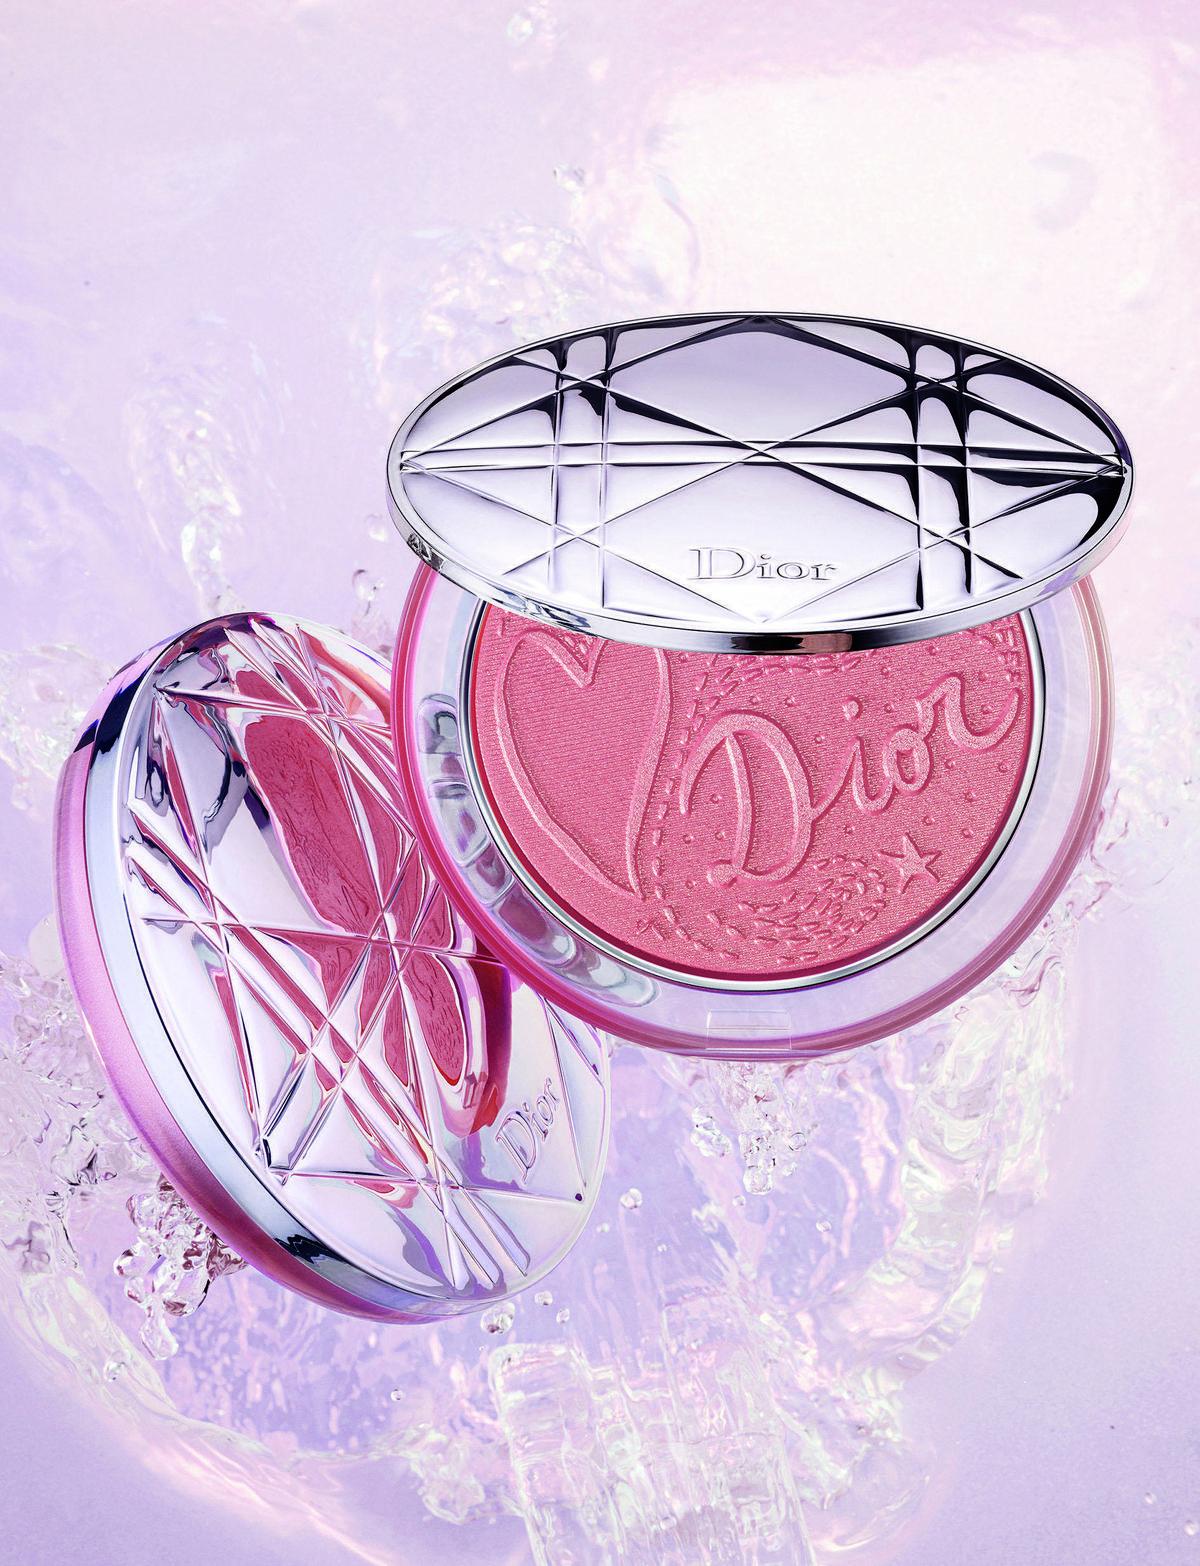 迪奧輕透光燦礦物蜜粉餅,戀戀織光限量版。NT$2,050〈Dior提供〉